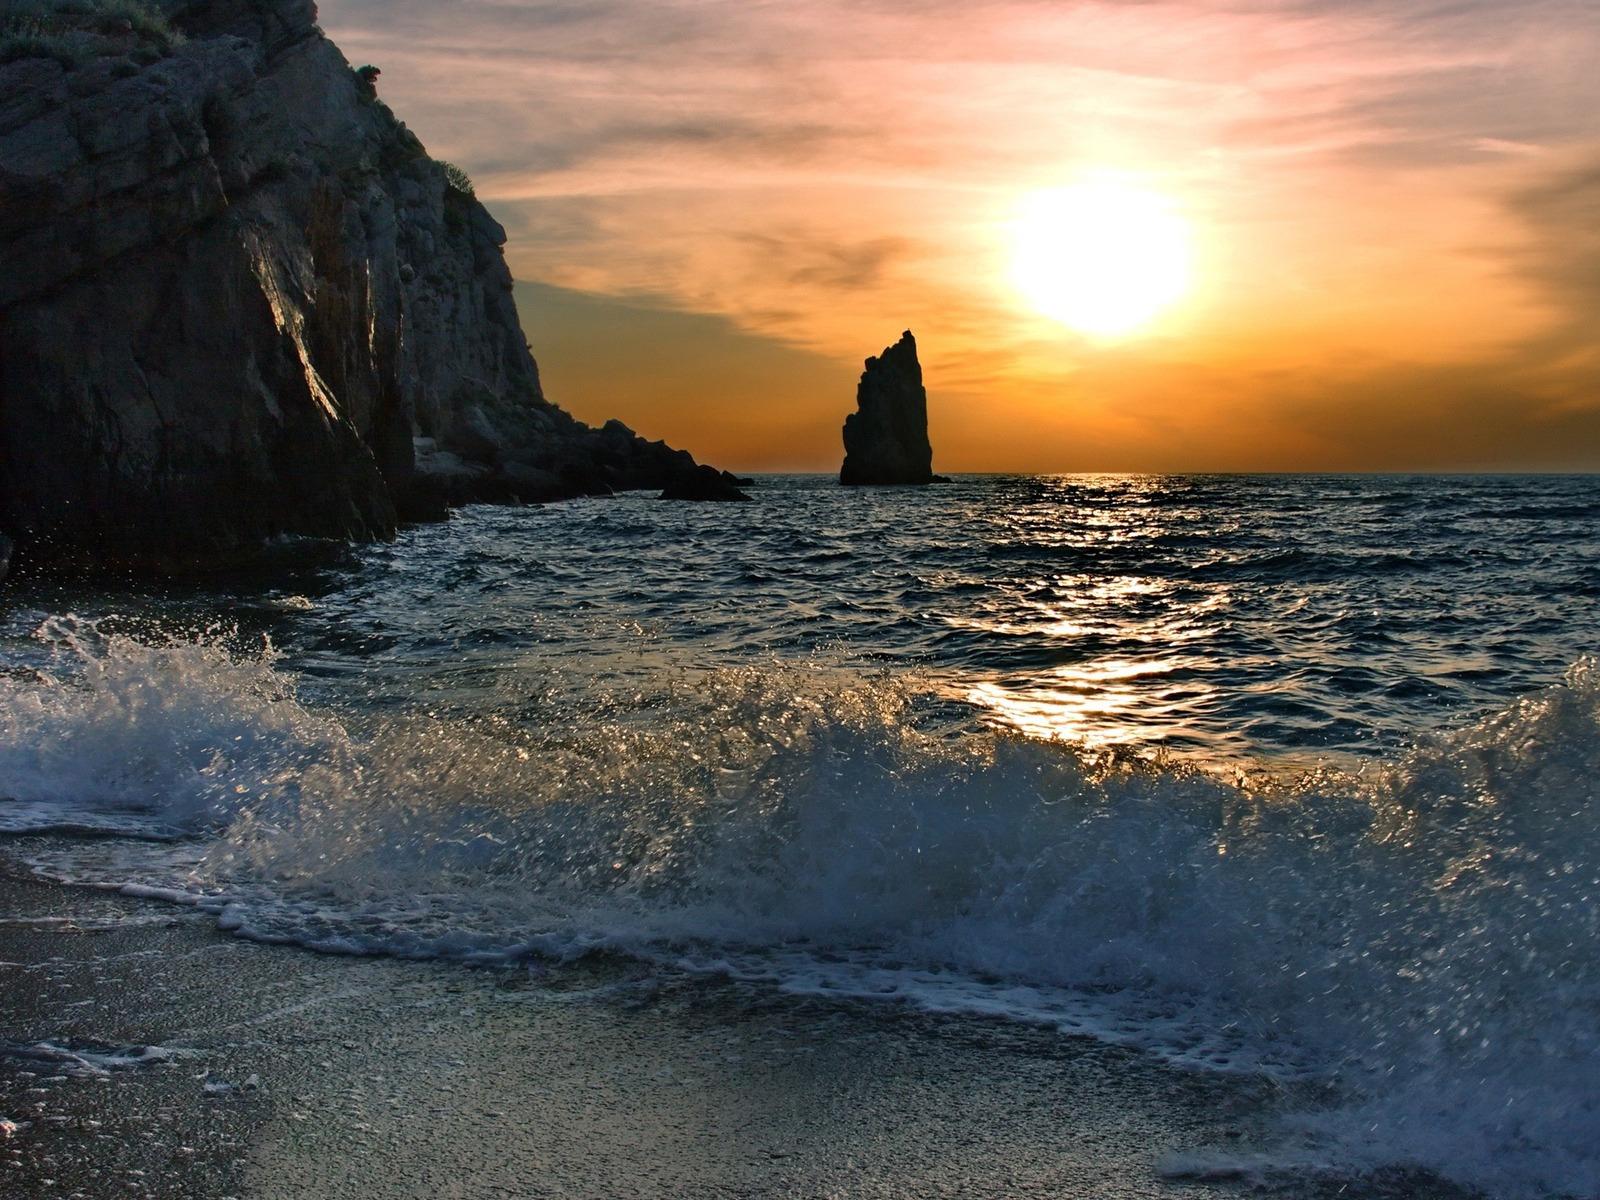 Wallpaper online romantic beach the high quality nature for Fond ecran plage gratuit